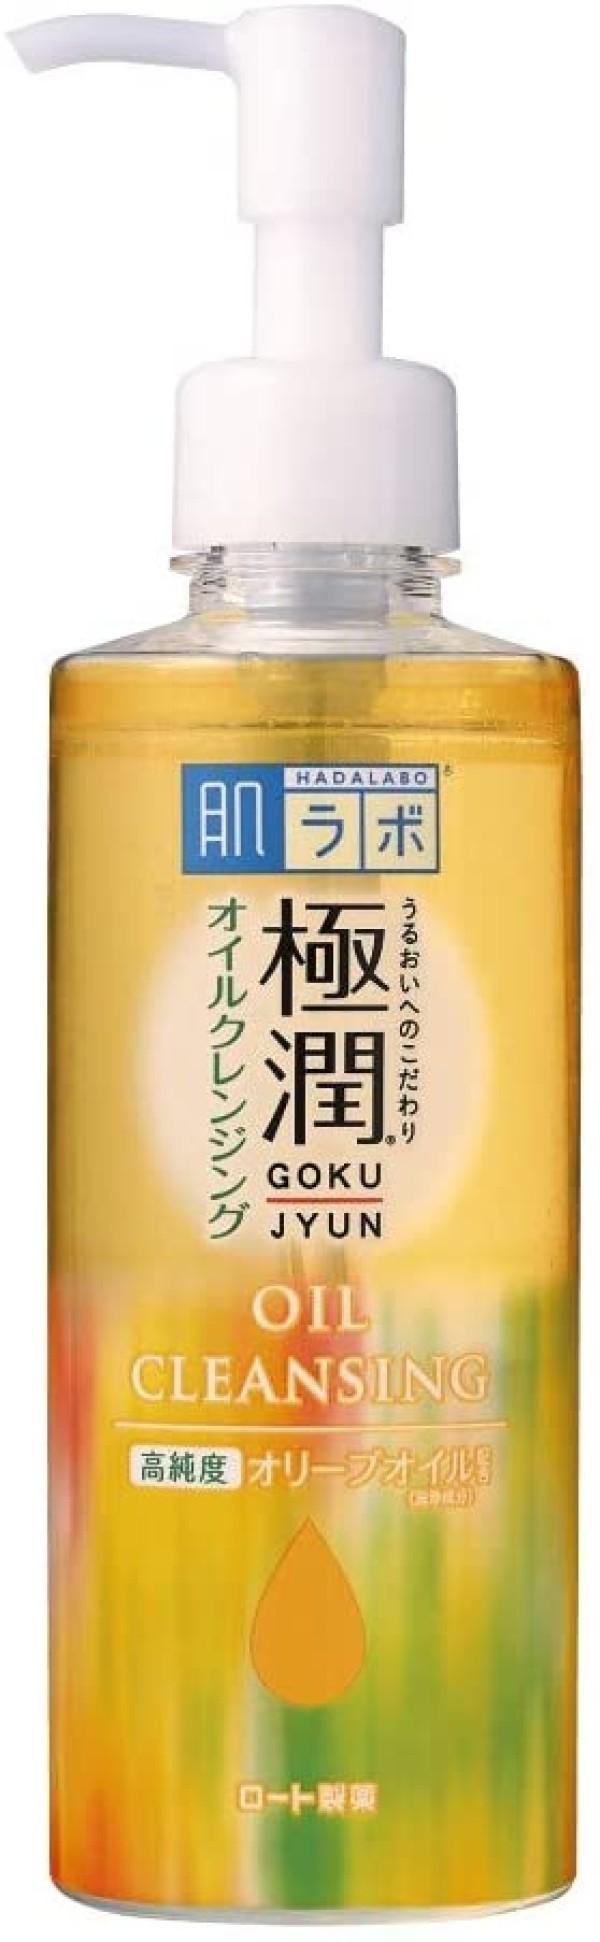 Гидрофильное масло с гиалуроновой кислотой Hada Labo Gokujyun Cleansing Oil